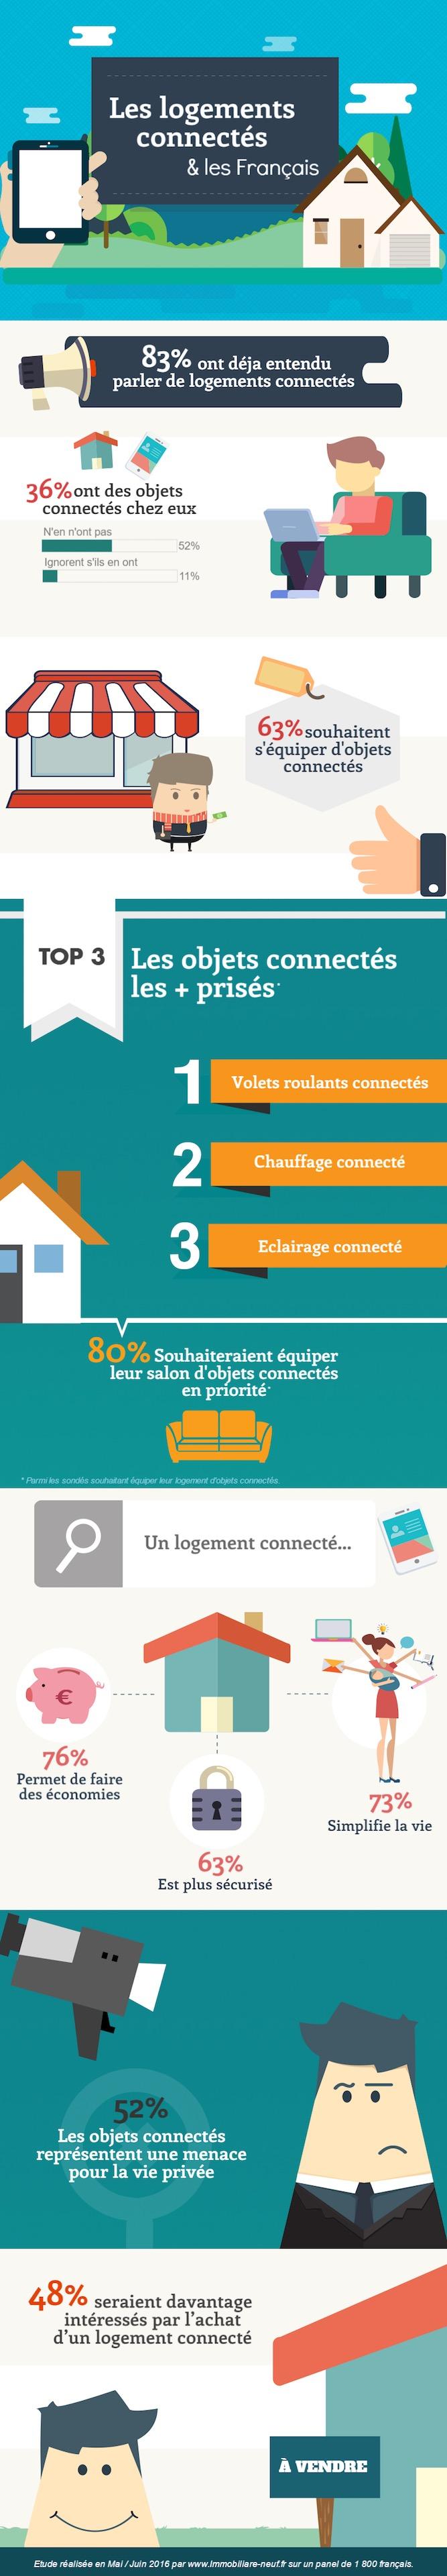 infographie-les-logements-connectes